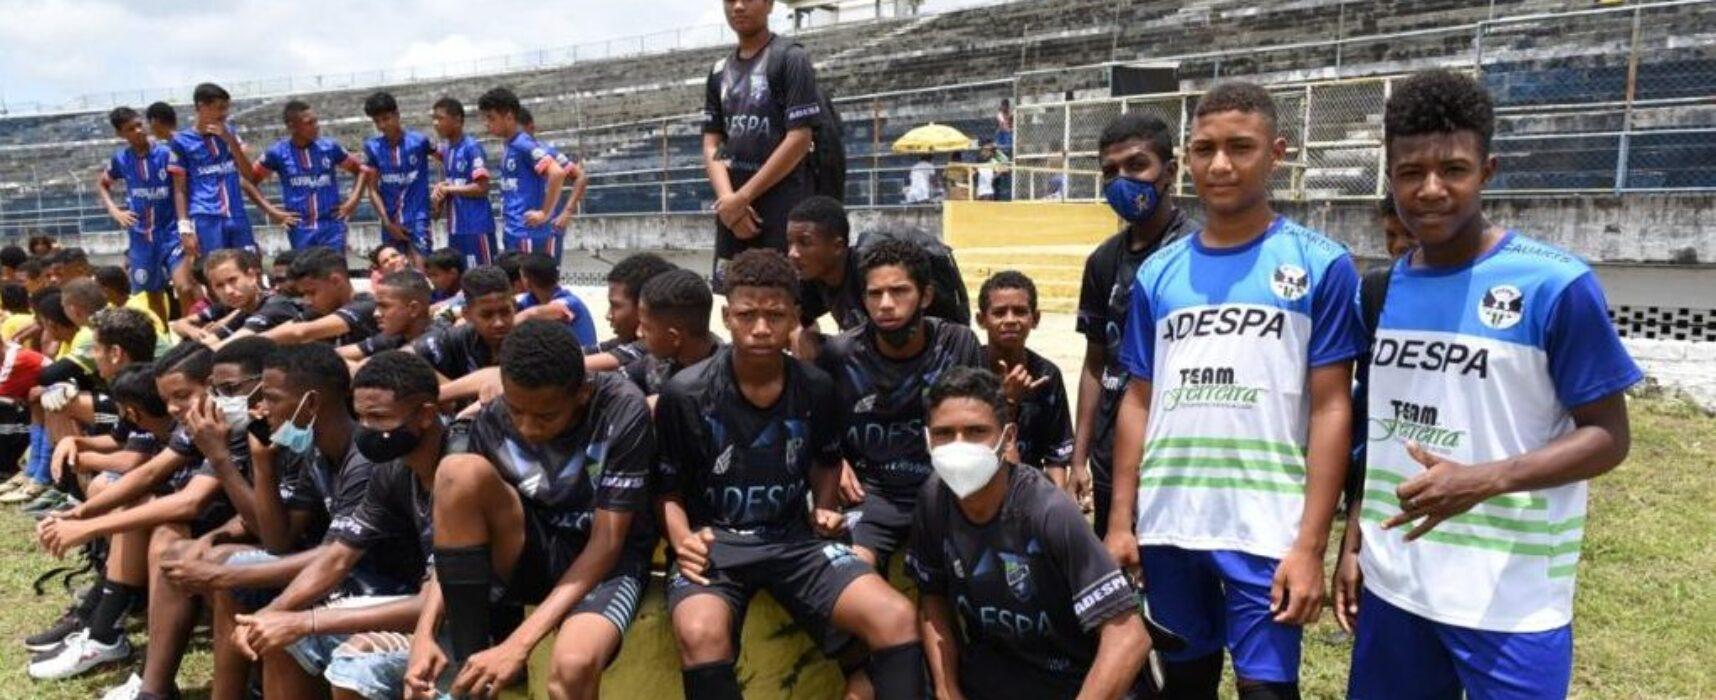 Jovens de Itabuna e região participam de avaliação técnica para ingressar no Fluminense Football Club